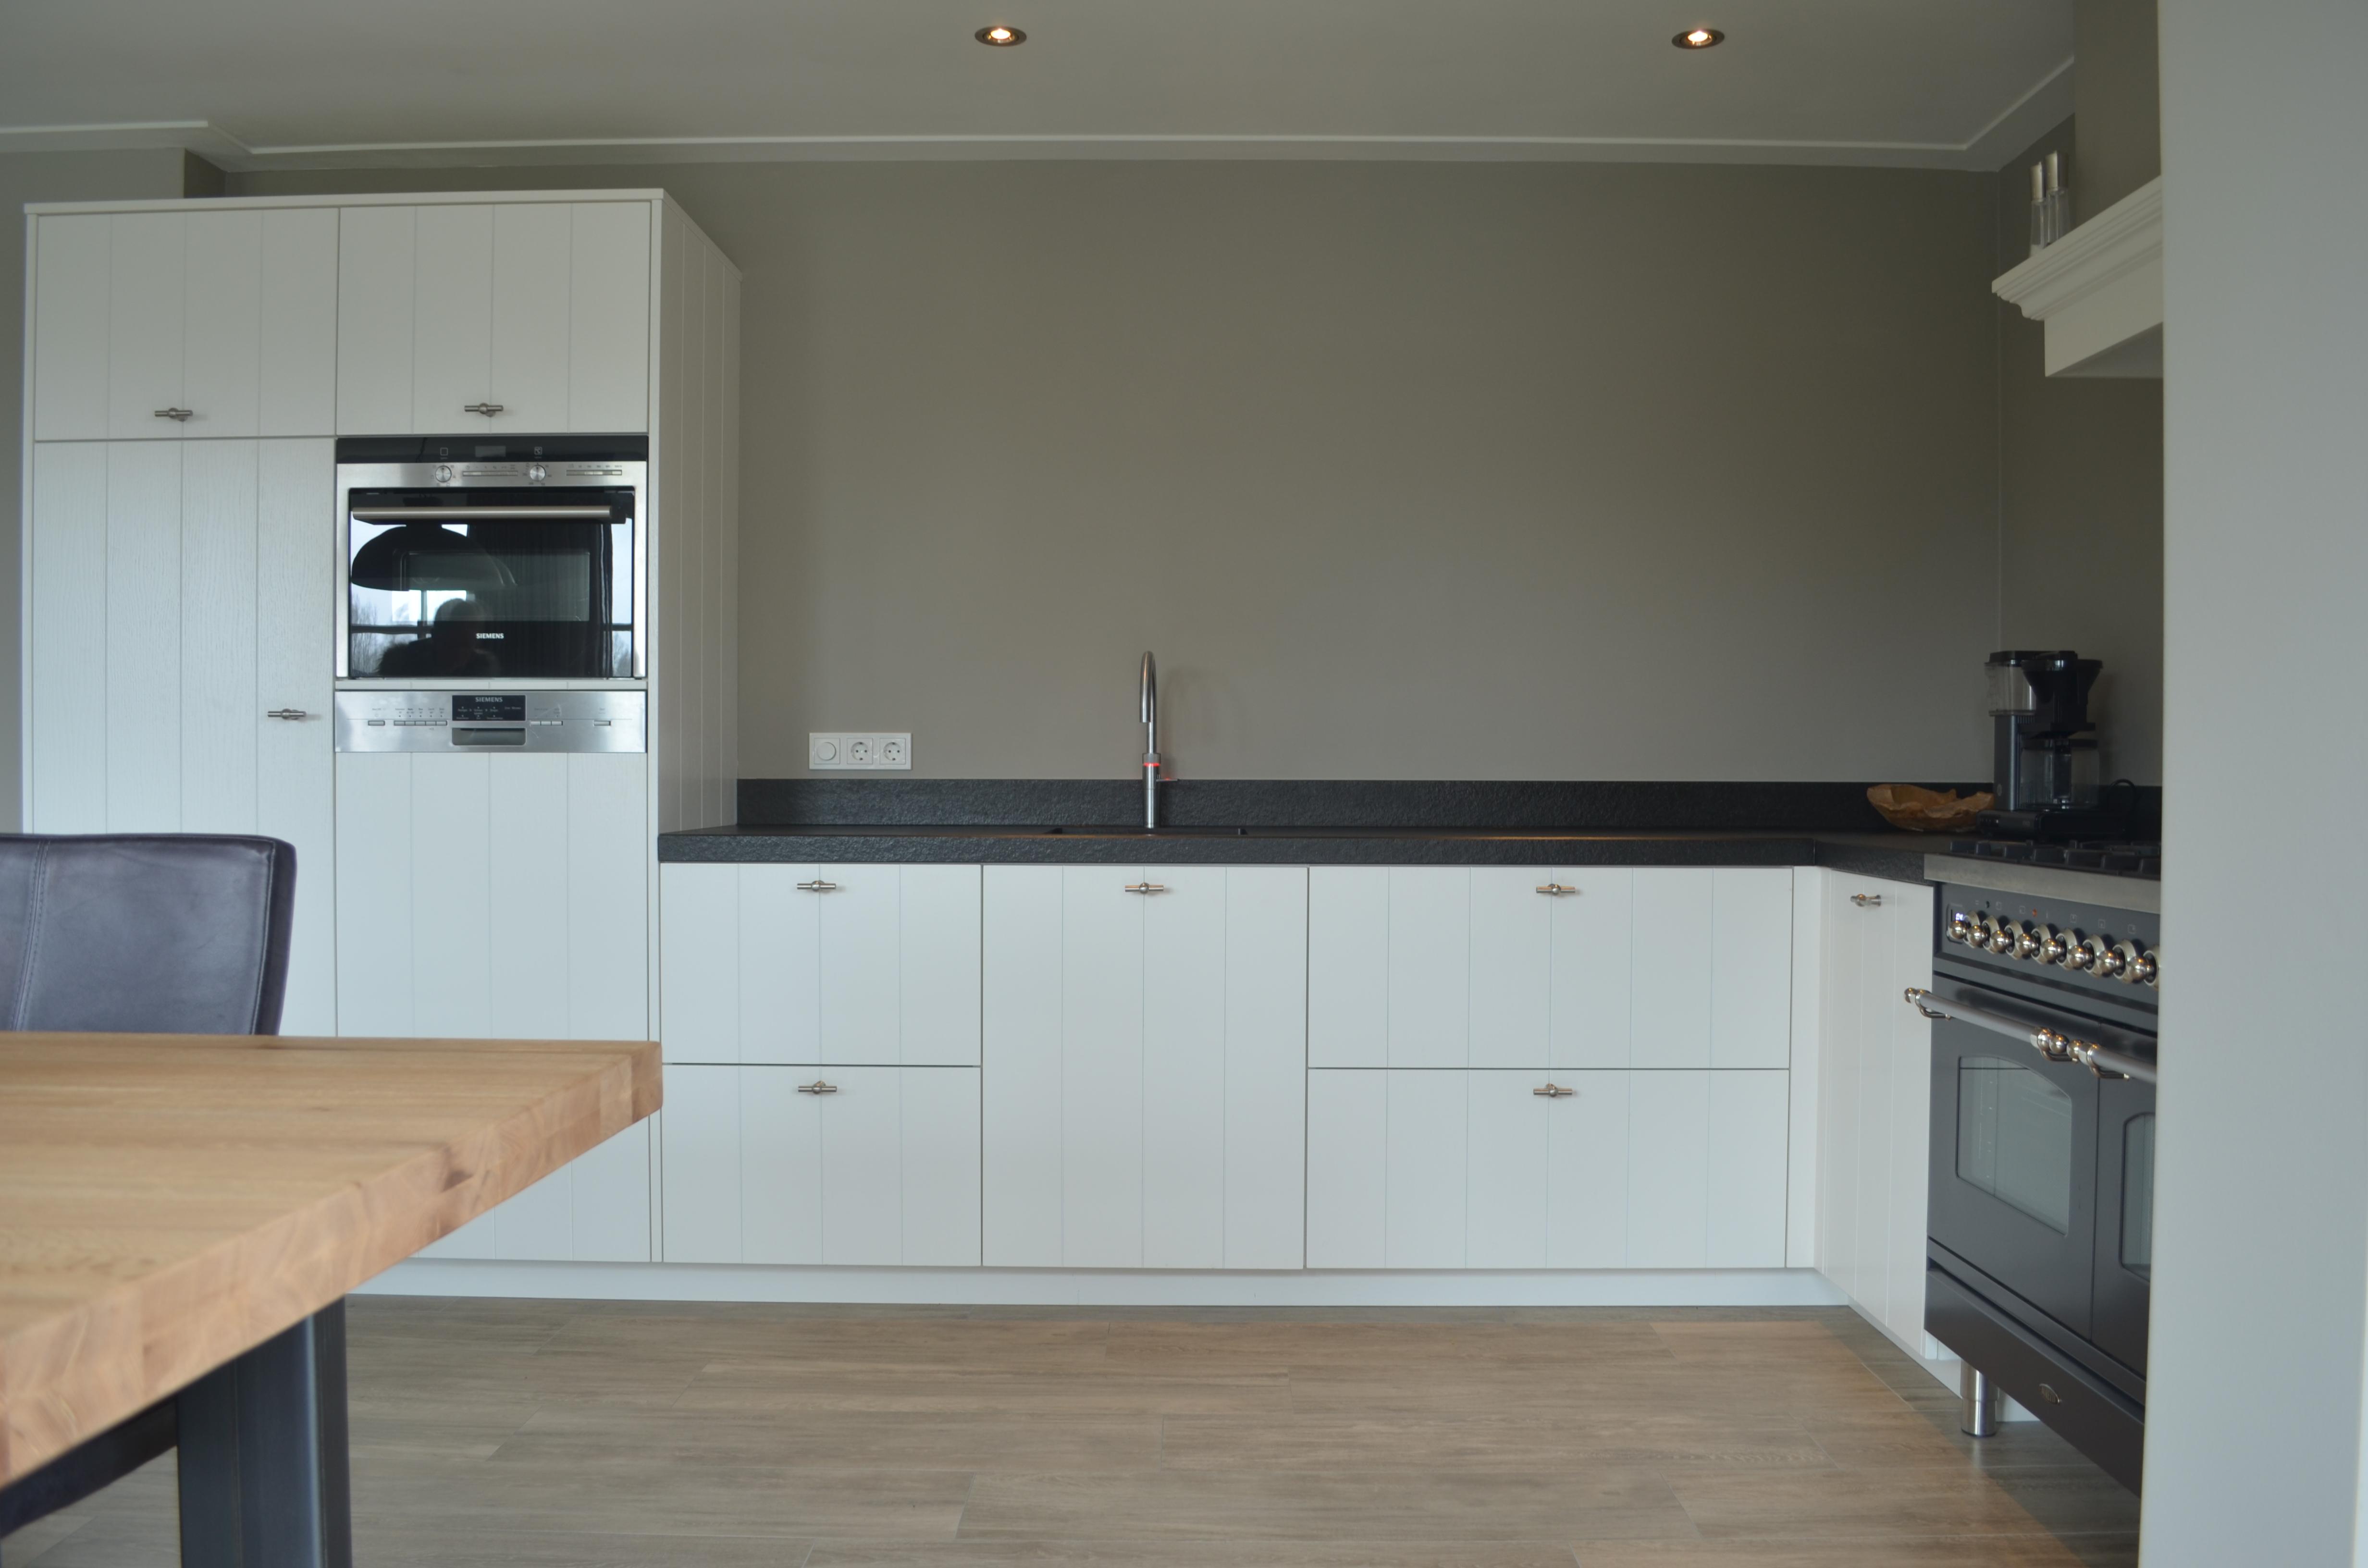 Witte Keuken Landelijk : Keuken landelijk wit van kaathoven interieurbouw